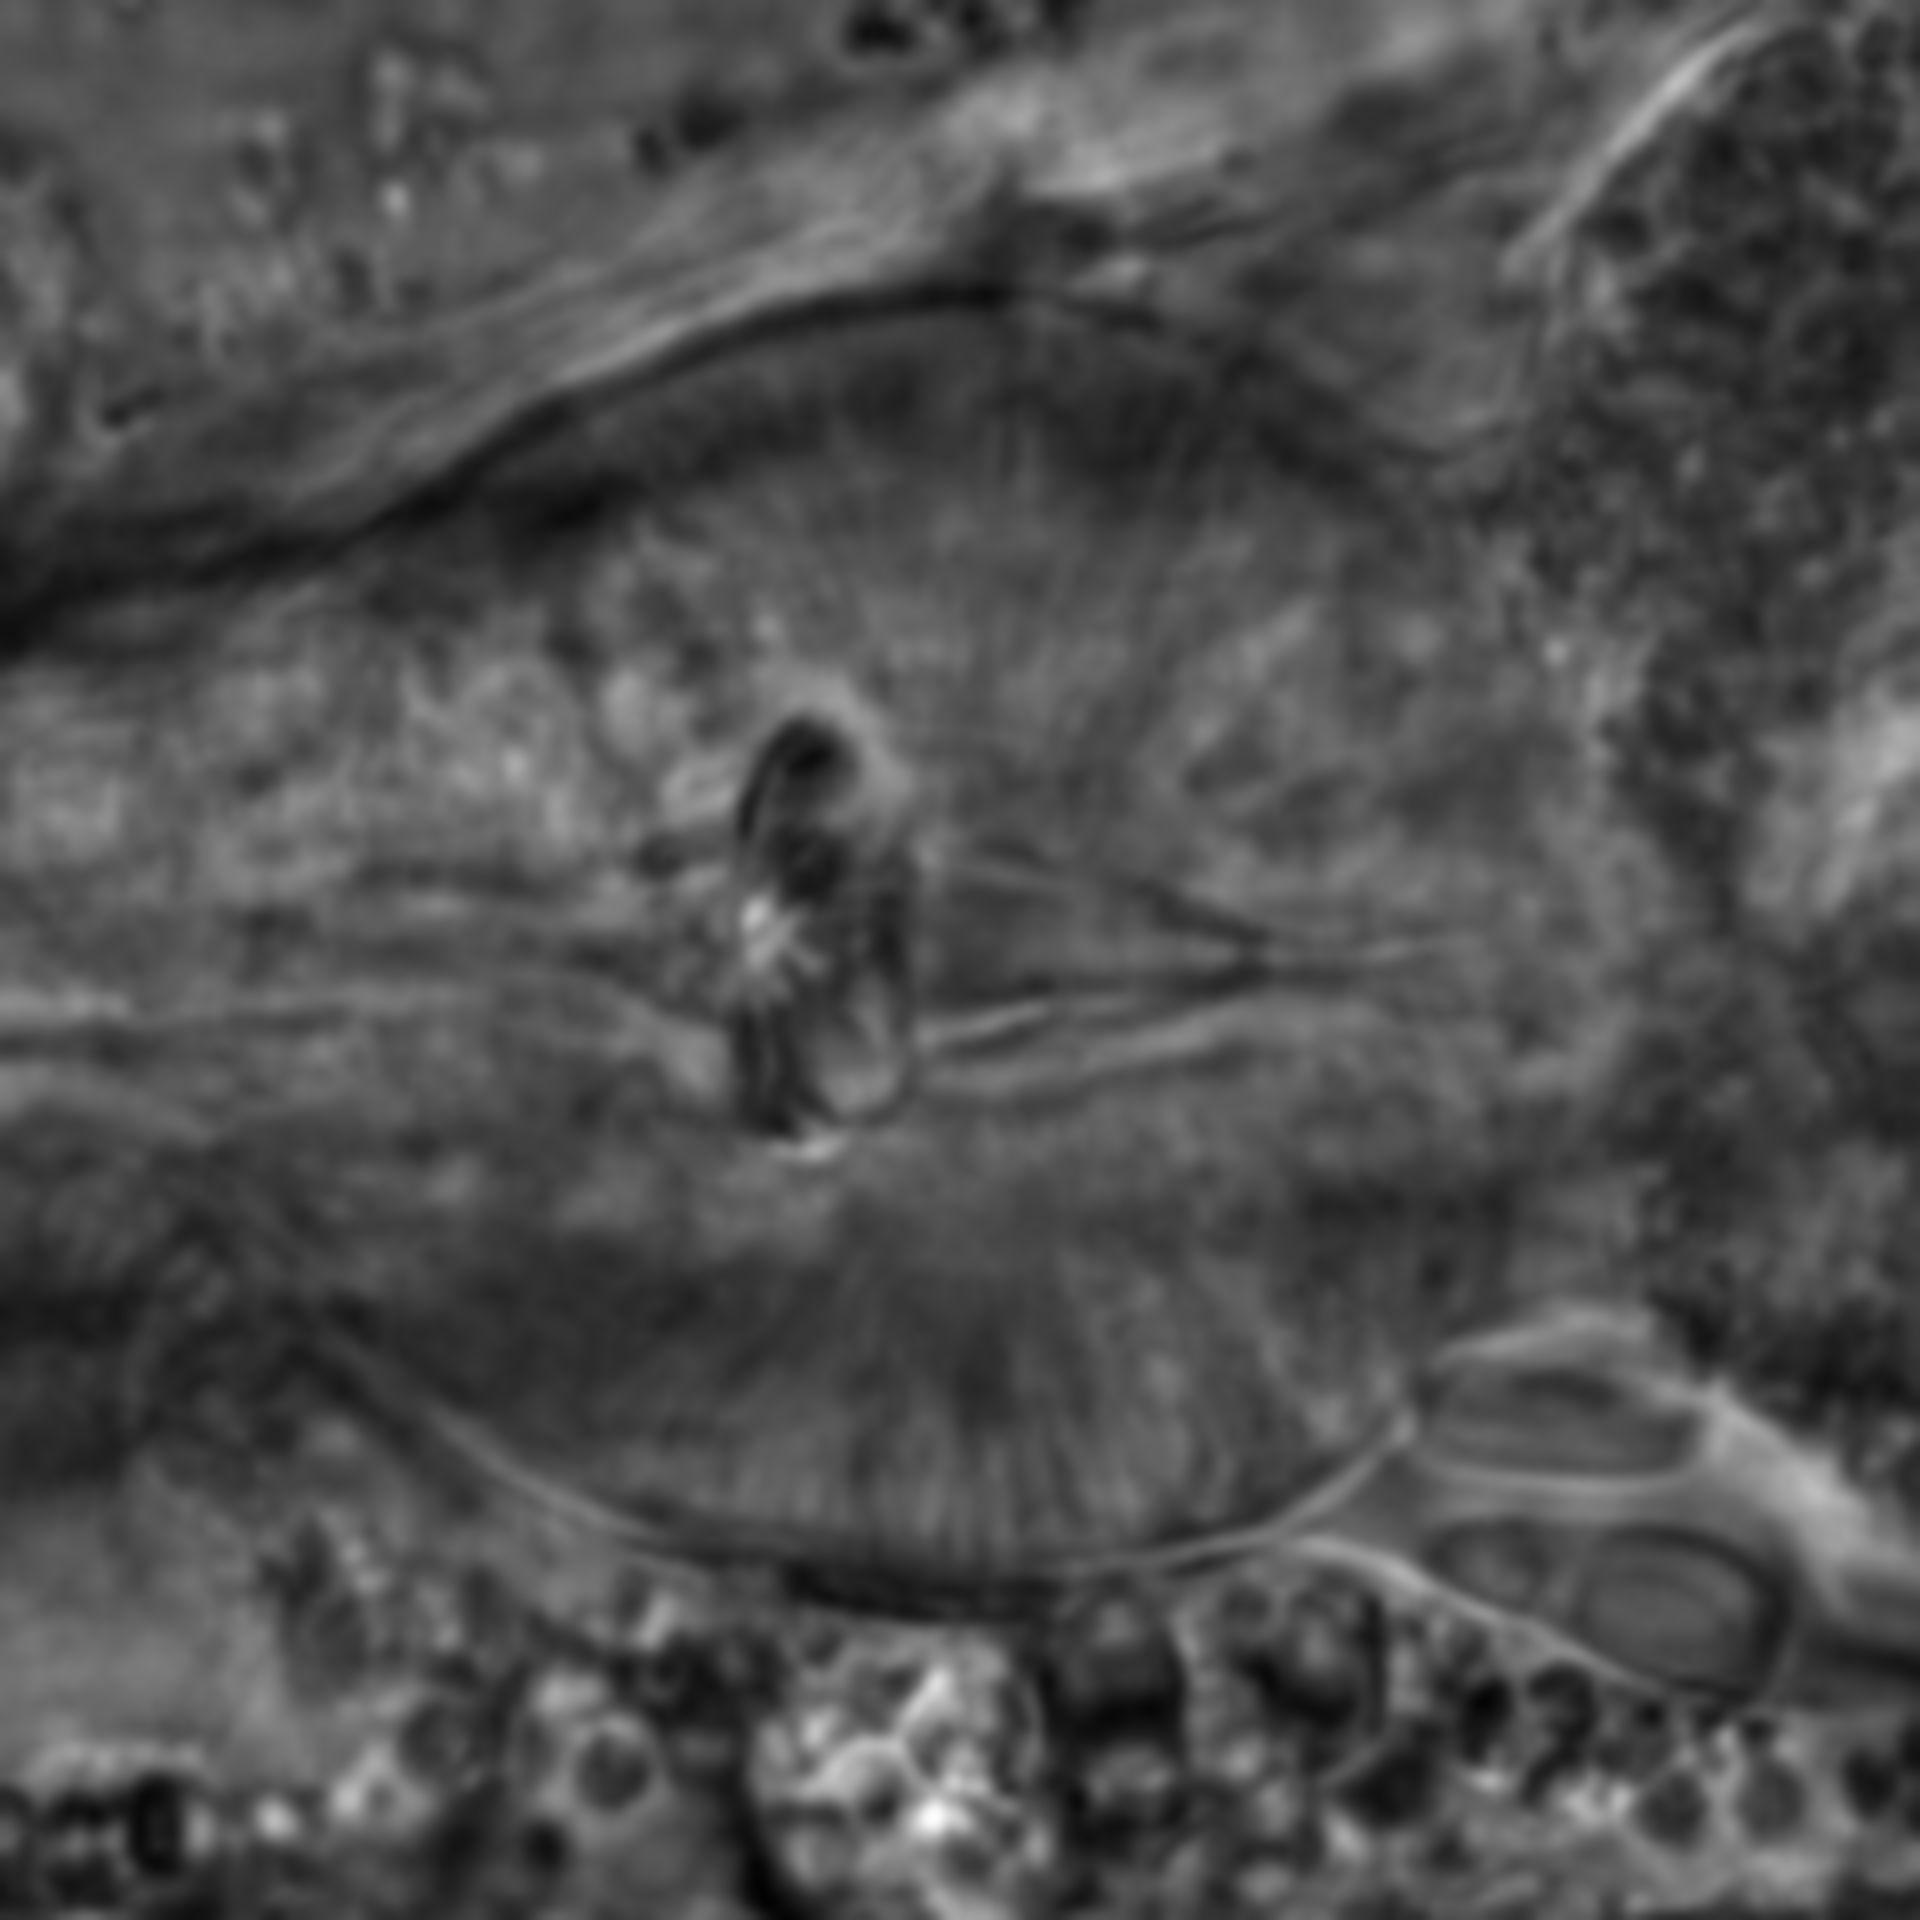 Caenorhabditis elegans - CIL:1736